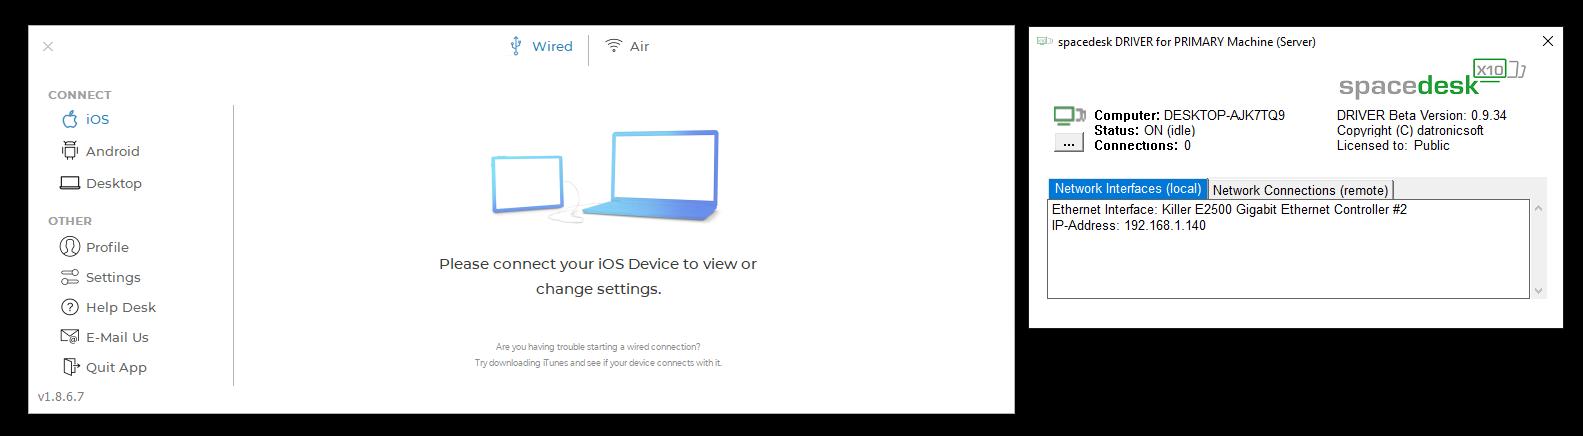 Duet Display er en relativt kostbar, men god, løsning for å bruke nettbrettet som ekstraskjerm. Trenger du bare enkel bruk kan det være greit å teste ut Spacedesk også, som er helt gratis.